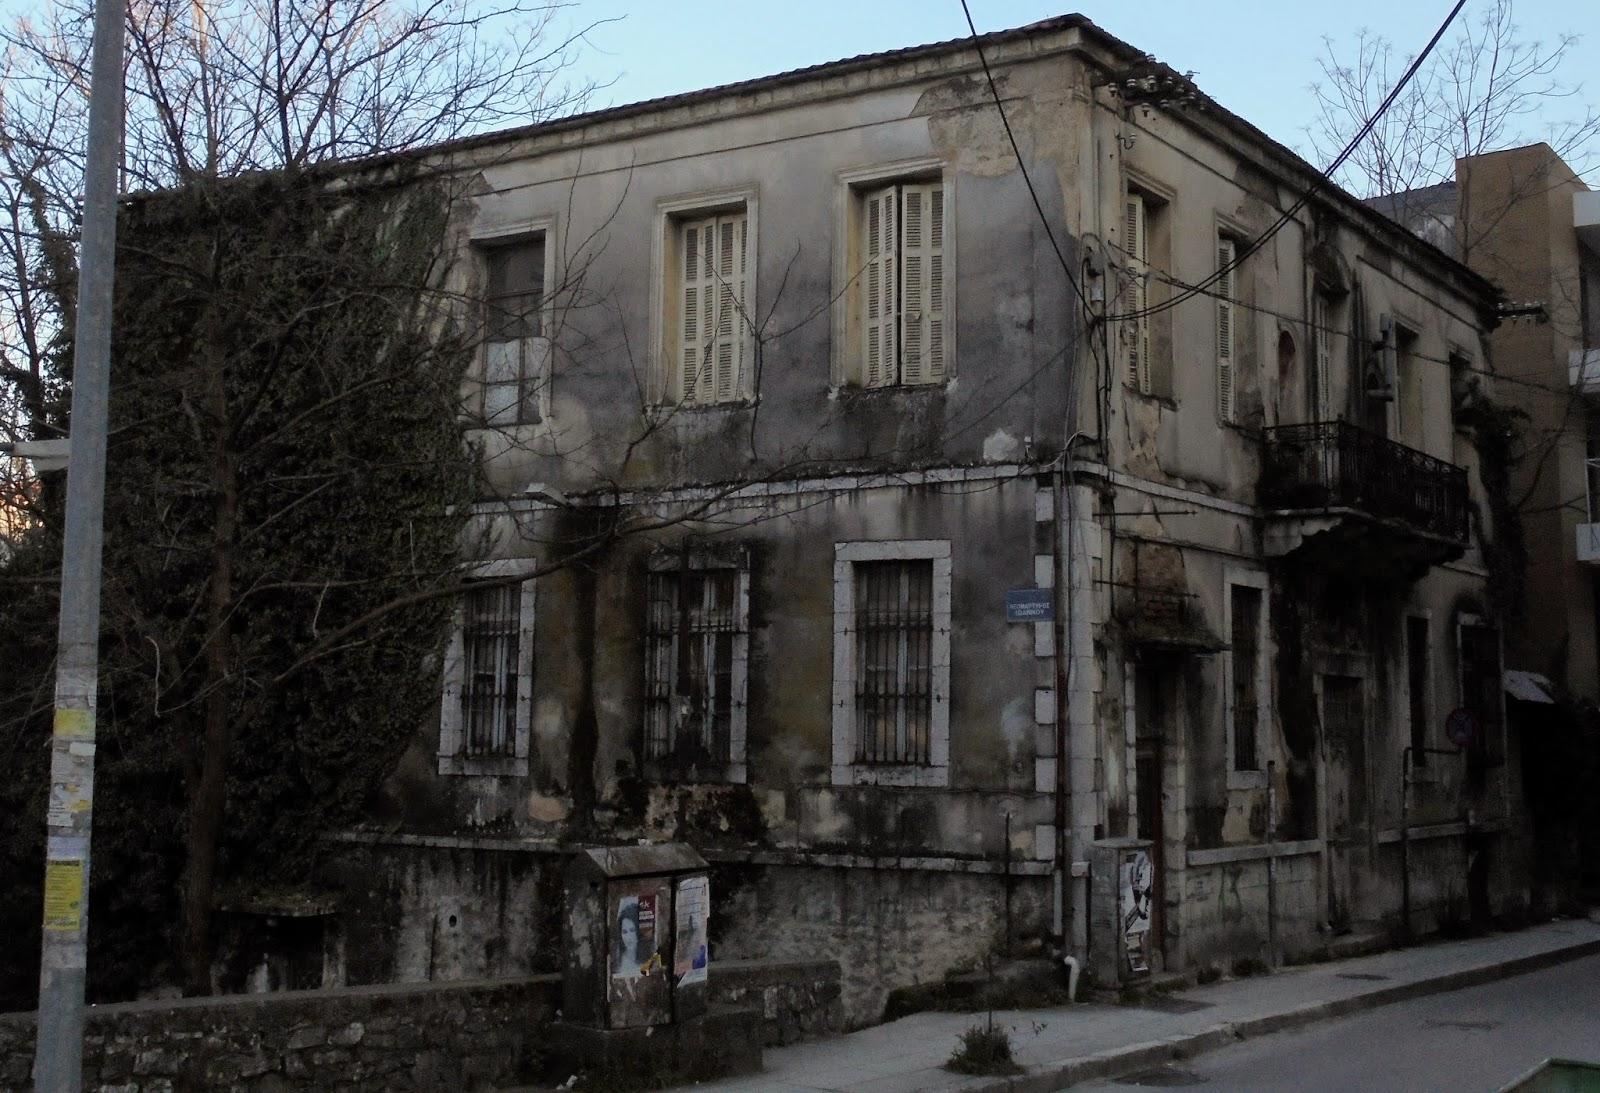 η οικία των Τρούγκου και Σακελλίωνος στα Ιωάννινα